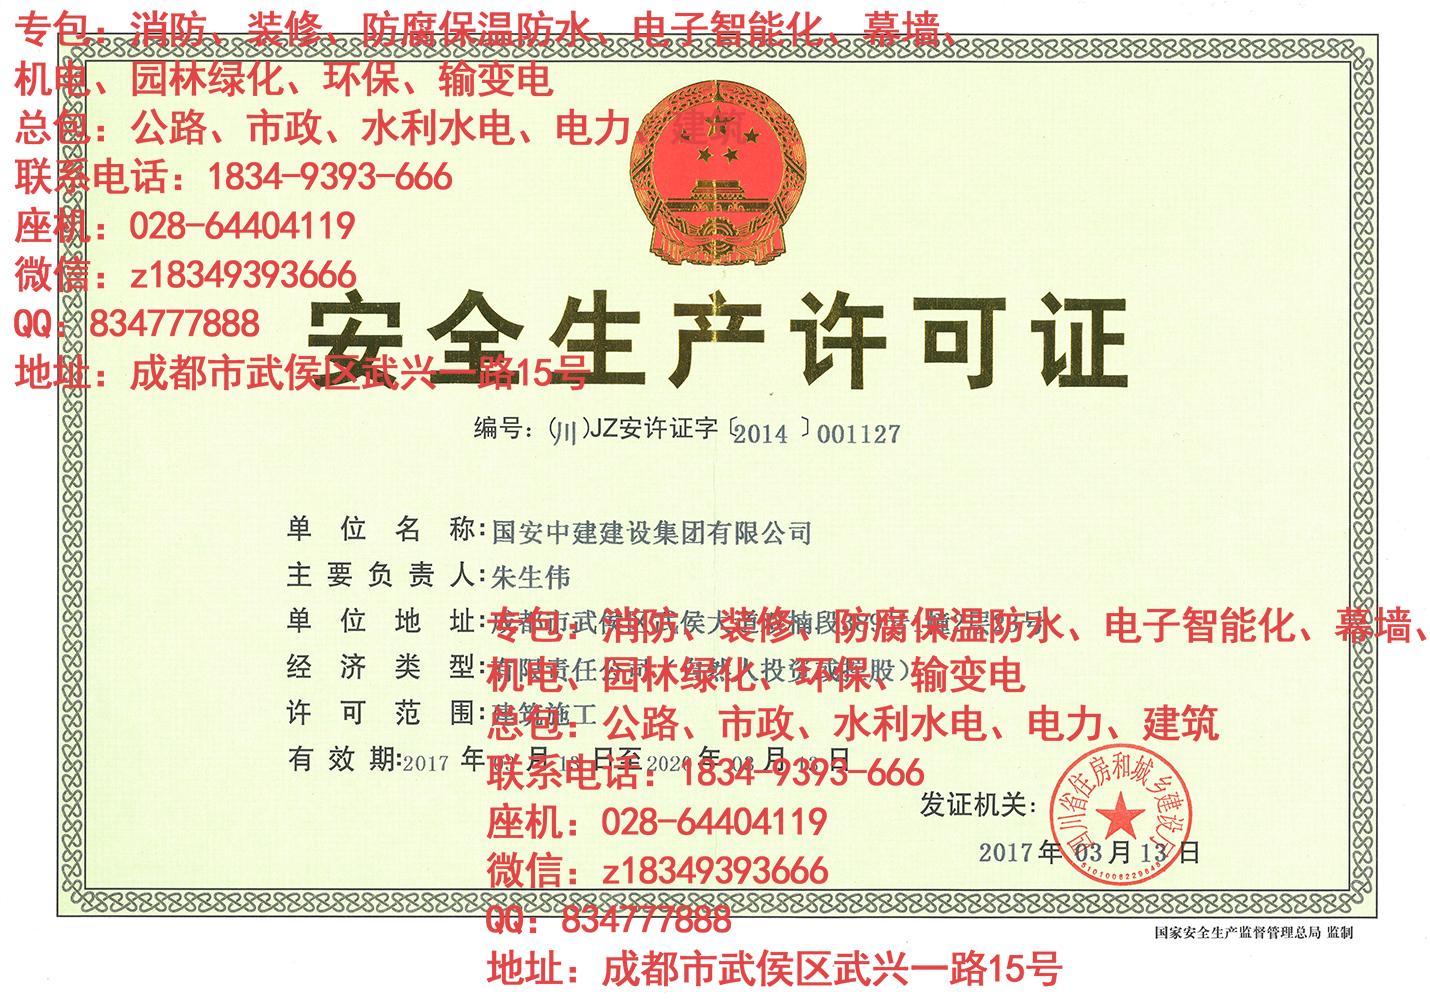 消防公司-国安集团安全生产许可证